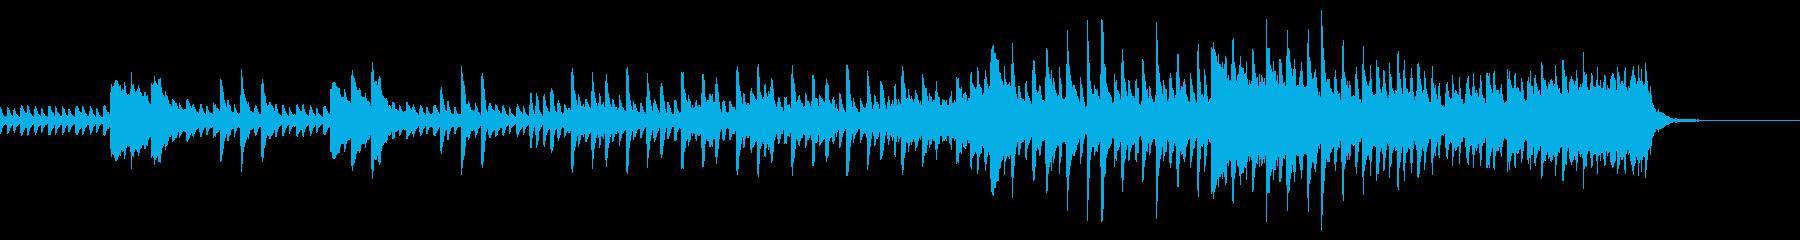 爽やかなイメージのピアノ・ストリングス曲の再生済みの波形